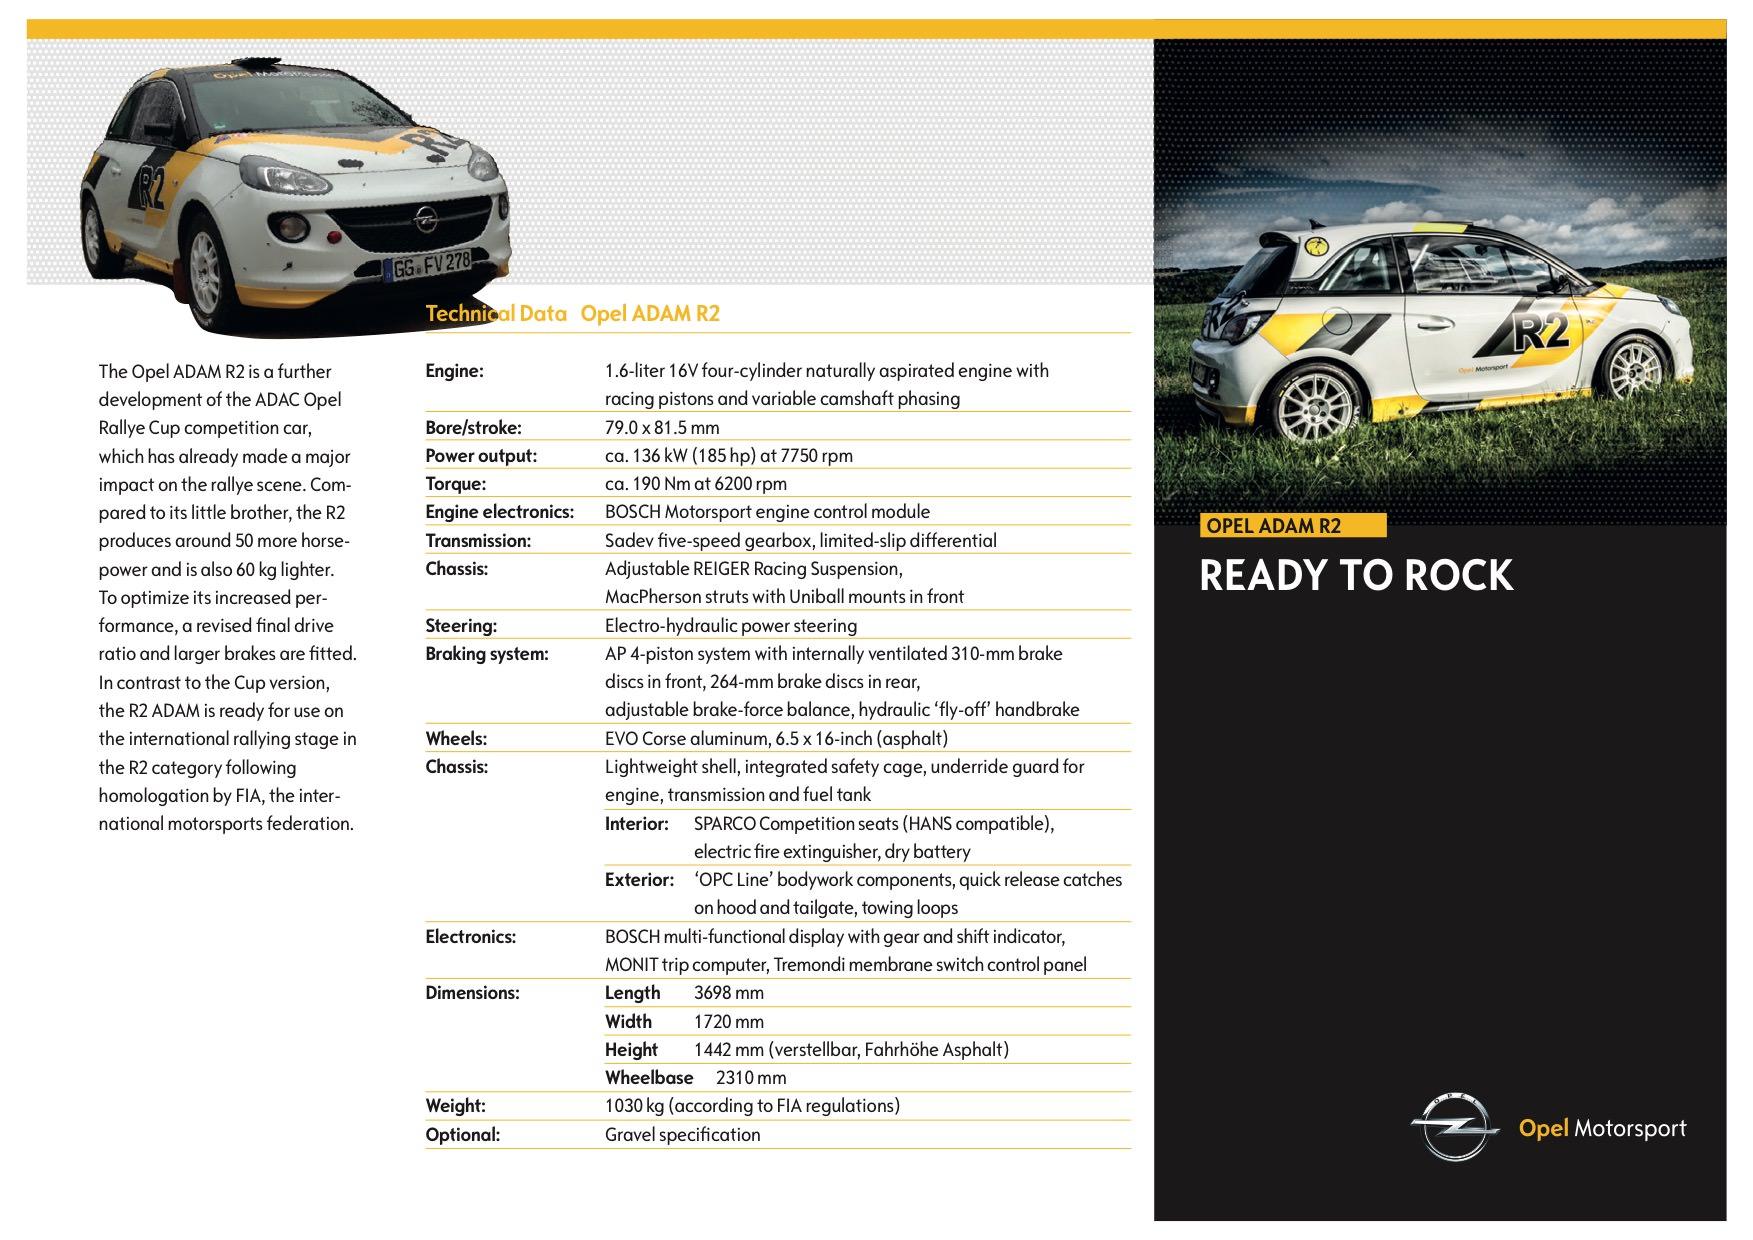 caratteristiche tecniche Opel Adam